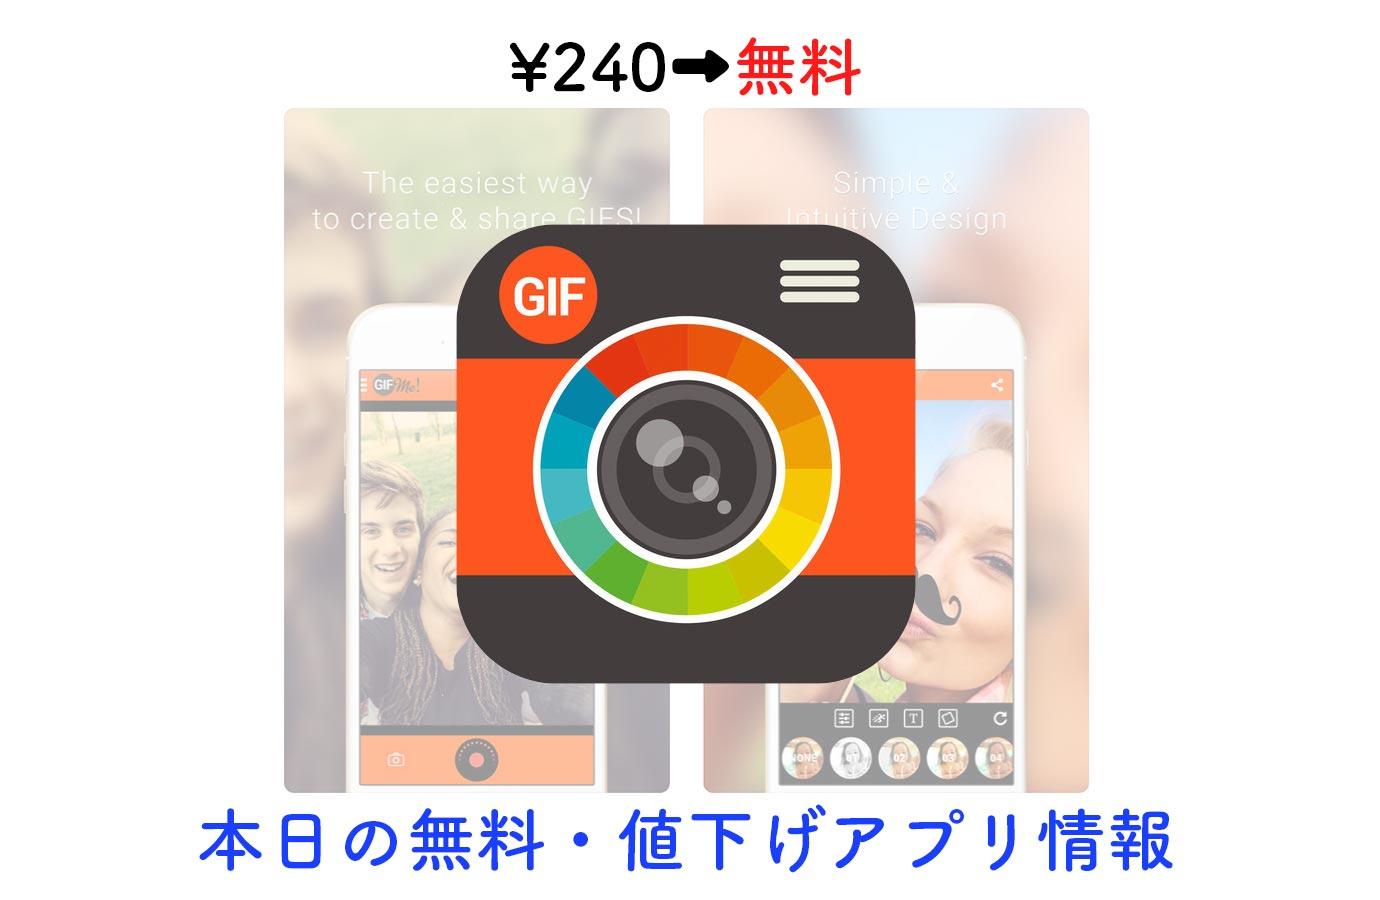 ¥240→無料、簡単にGIFアニメが作成・変換できるアプリ「Gif Me! Camera」など【2/10】本日の無料・値下げアプリ情報